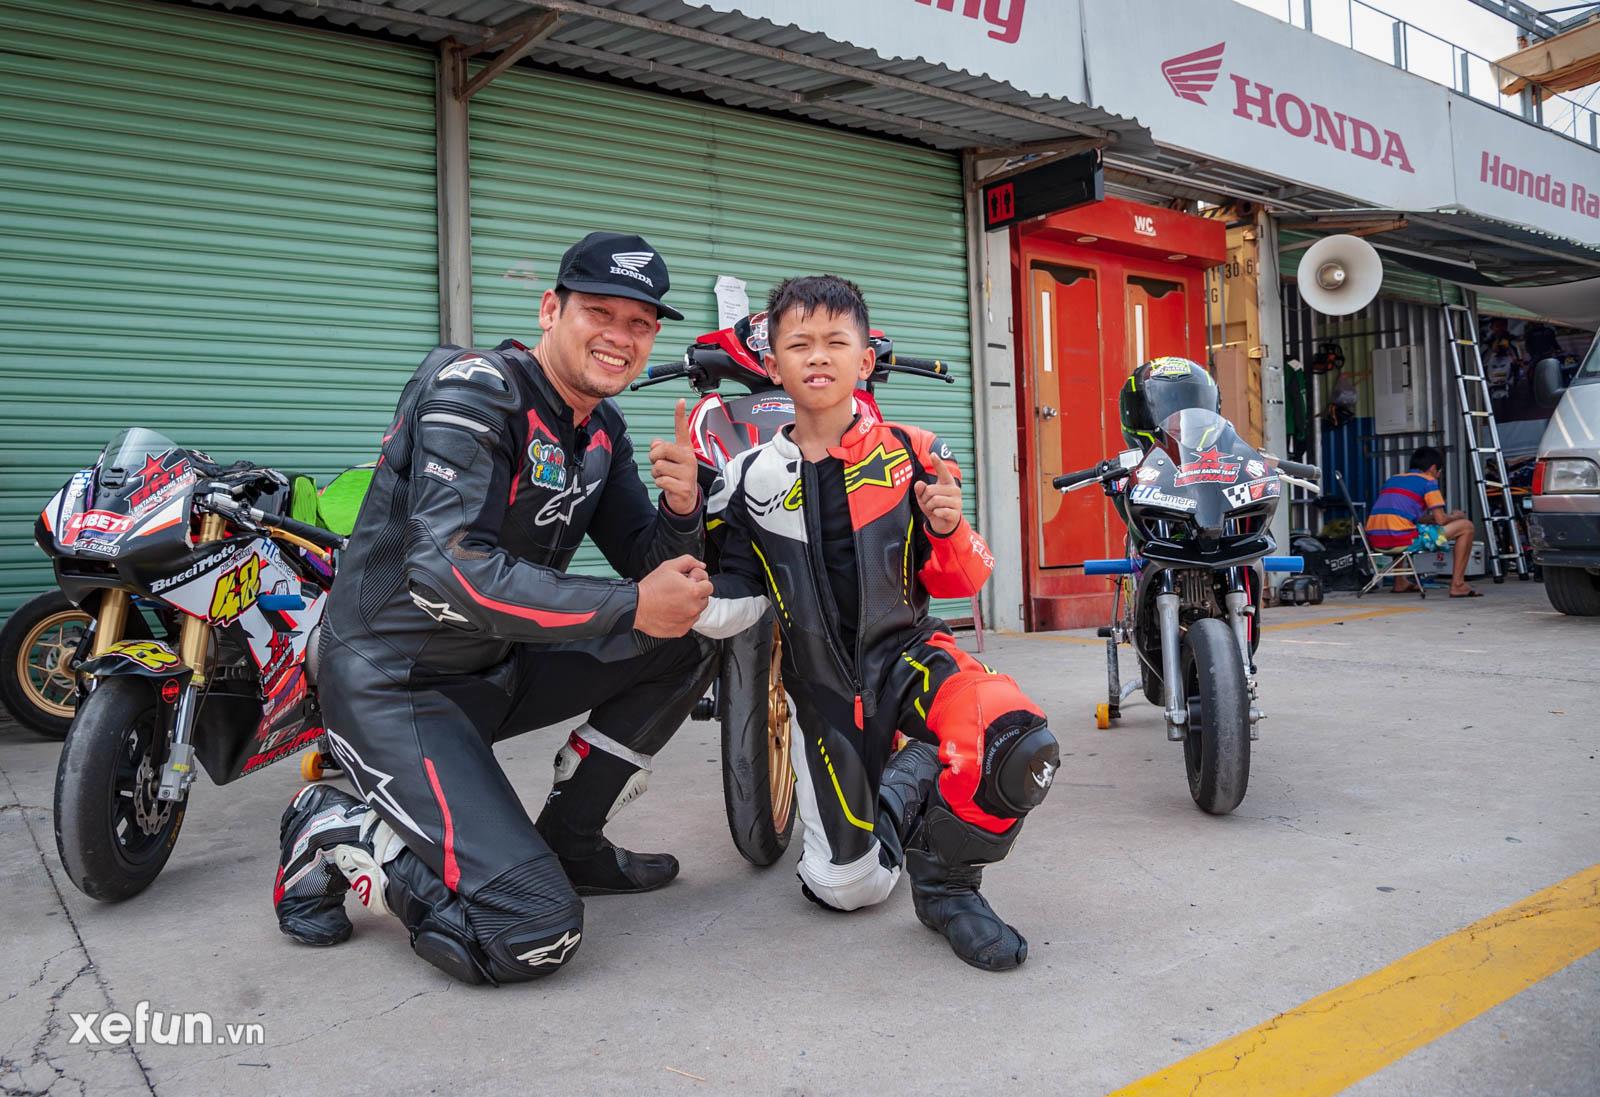 Bé Su 9 tuổi của Gia Cát Việt Tuấn cùng HLV Quân Trần Racing trên Xefun (1)54756786